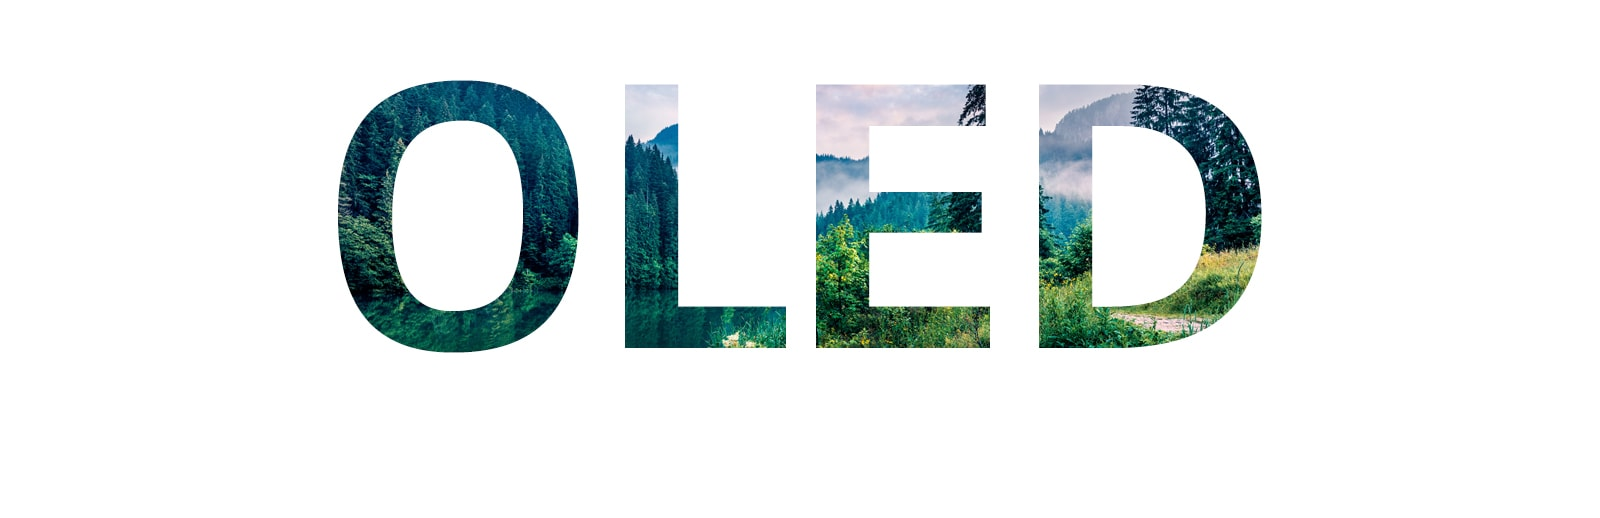 Beseda OLED je napolnjena z naravo, ki je zbledela z desne (predvajanje videoposnetka)